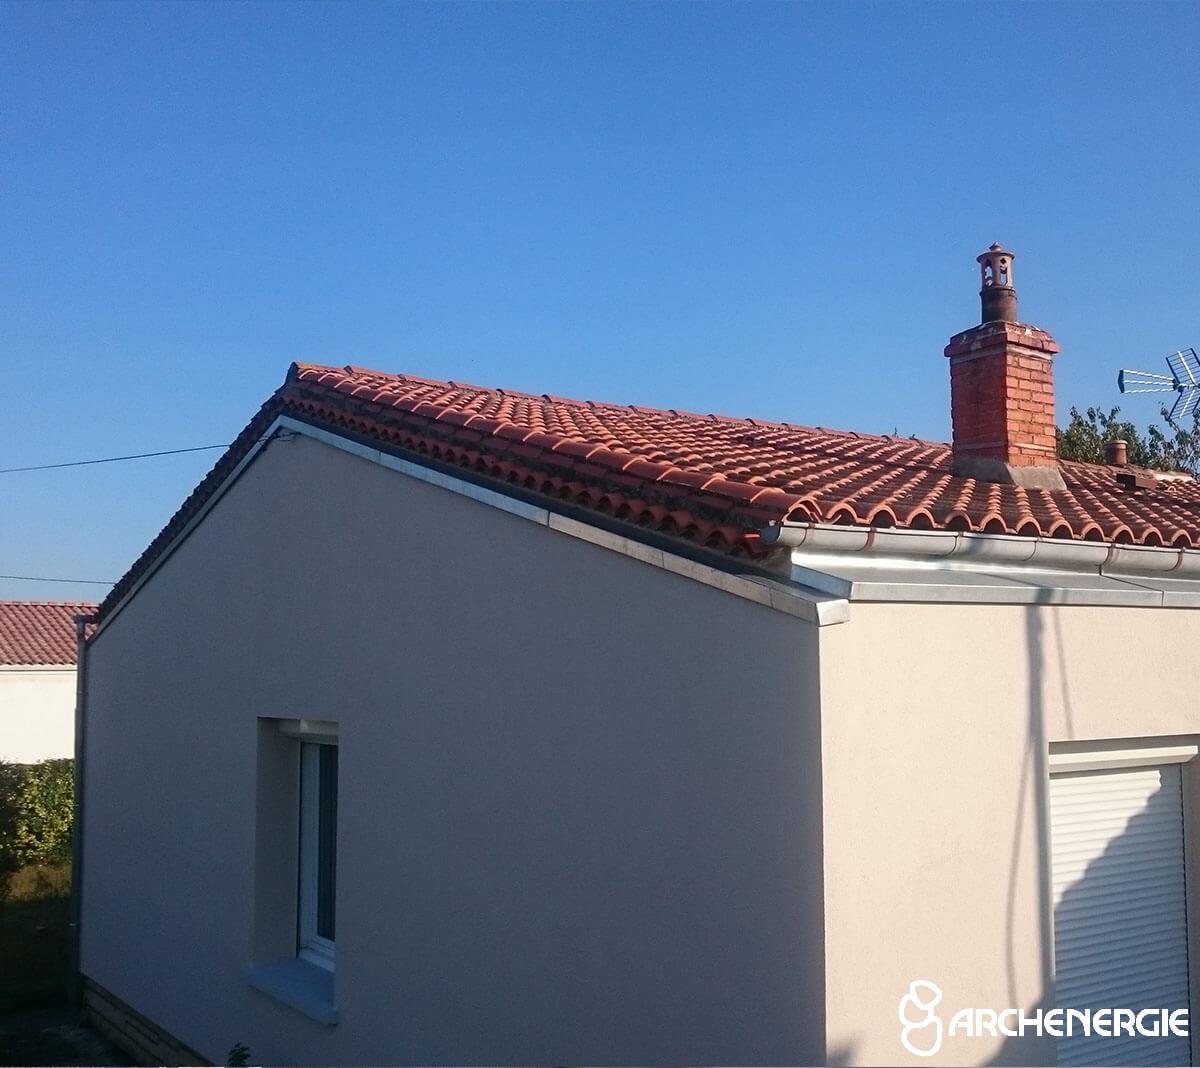 isolation extérieure murs raccord toiture terrasses débords de toit